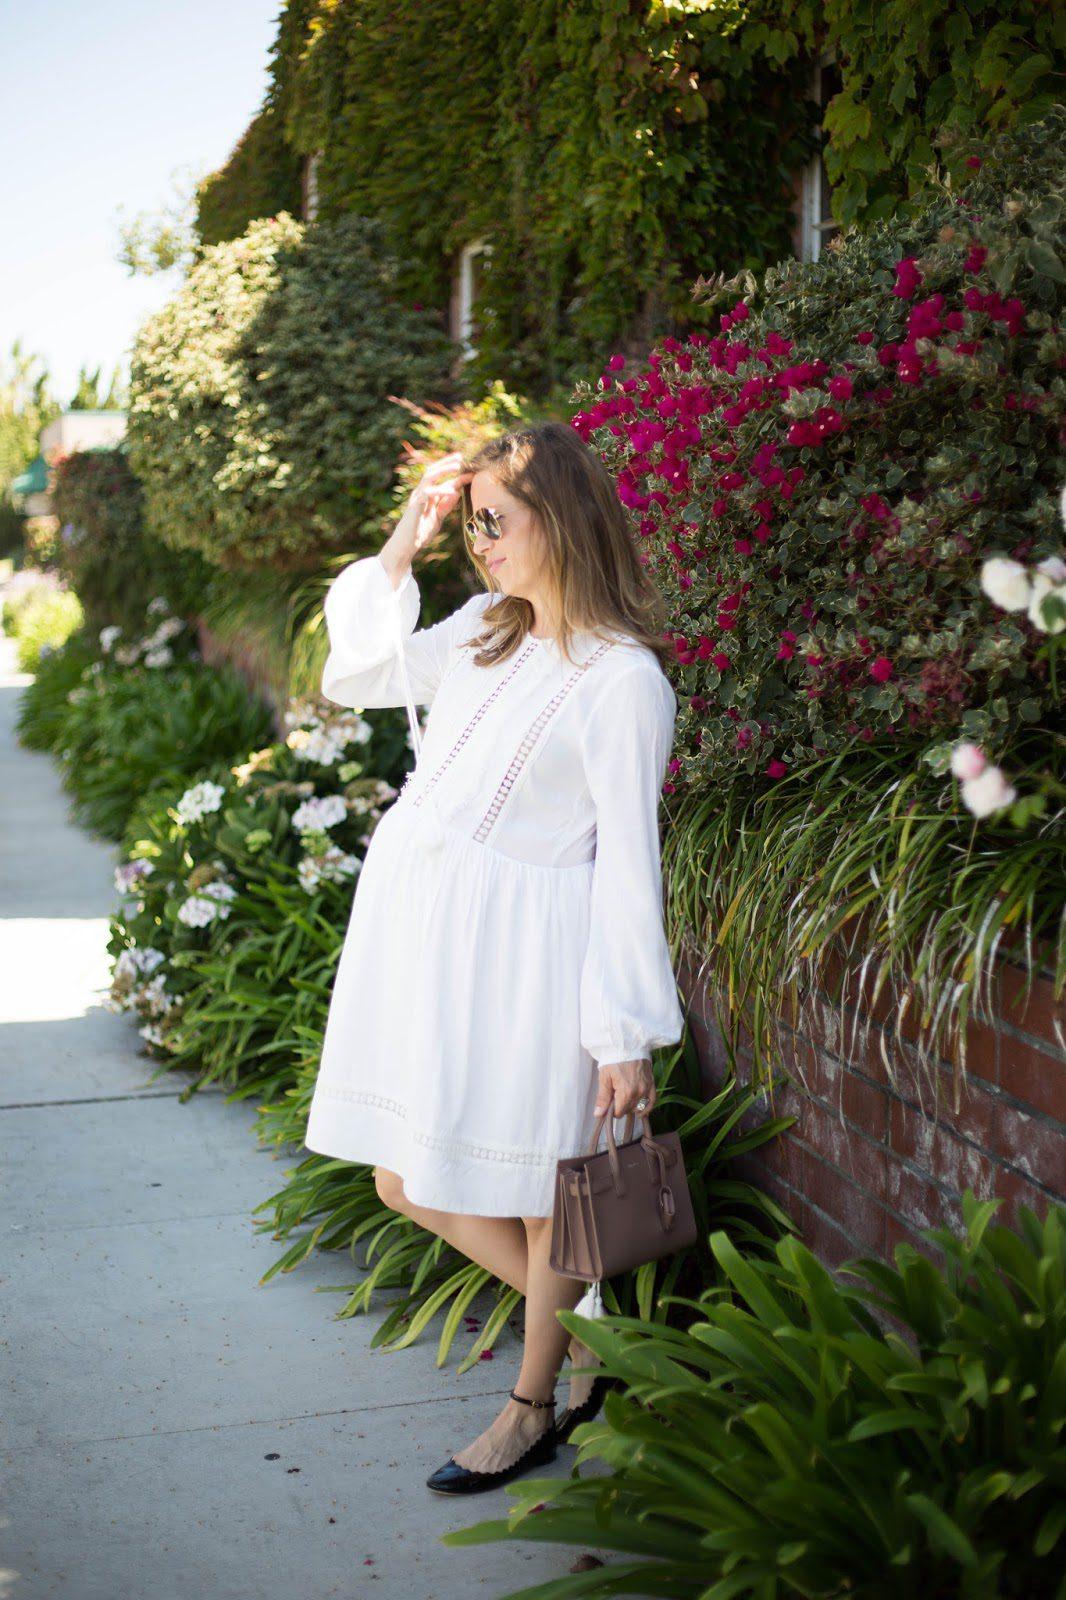 saint laurent bag chloe flats white dress